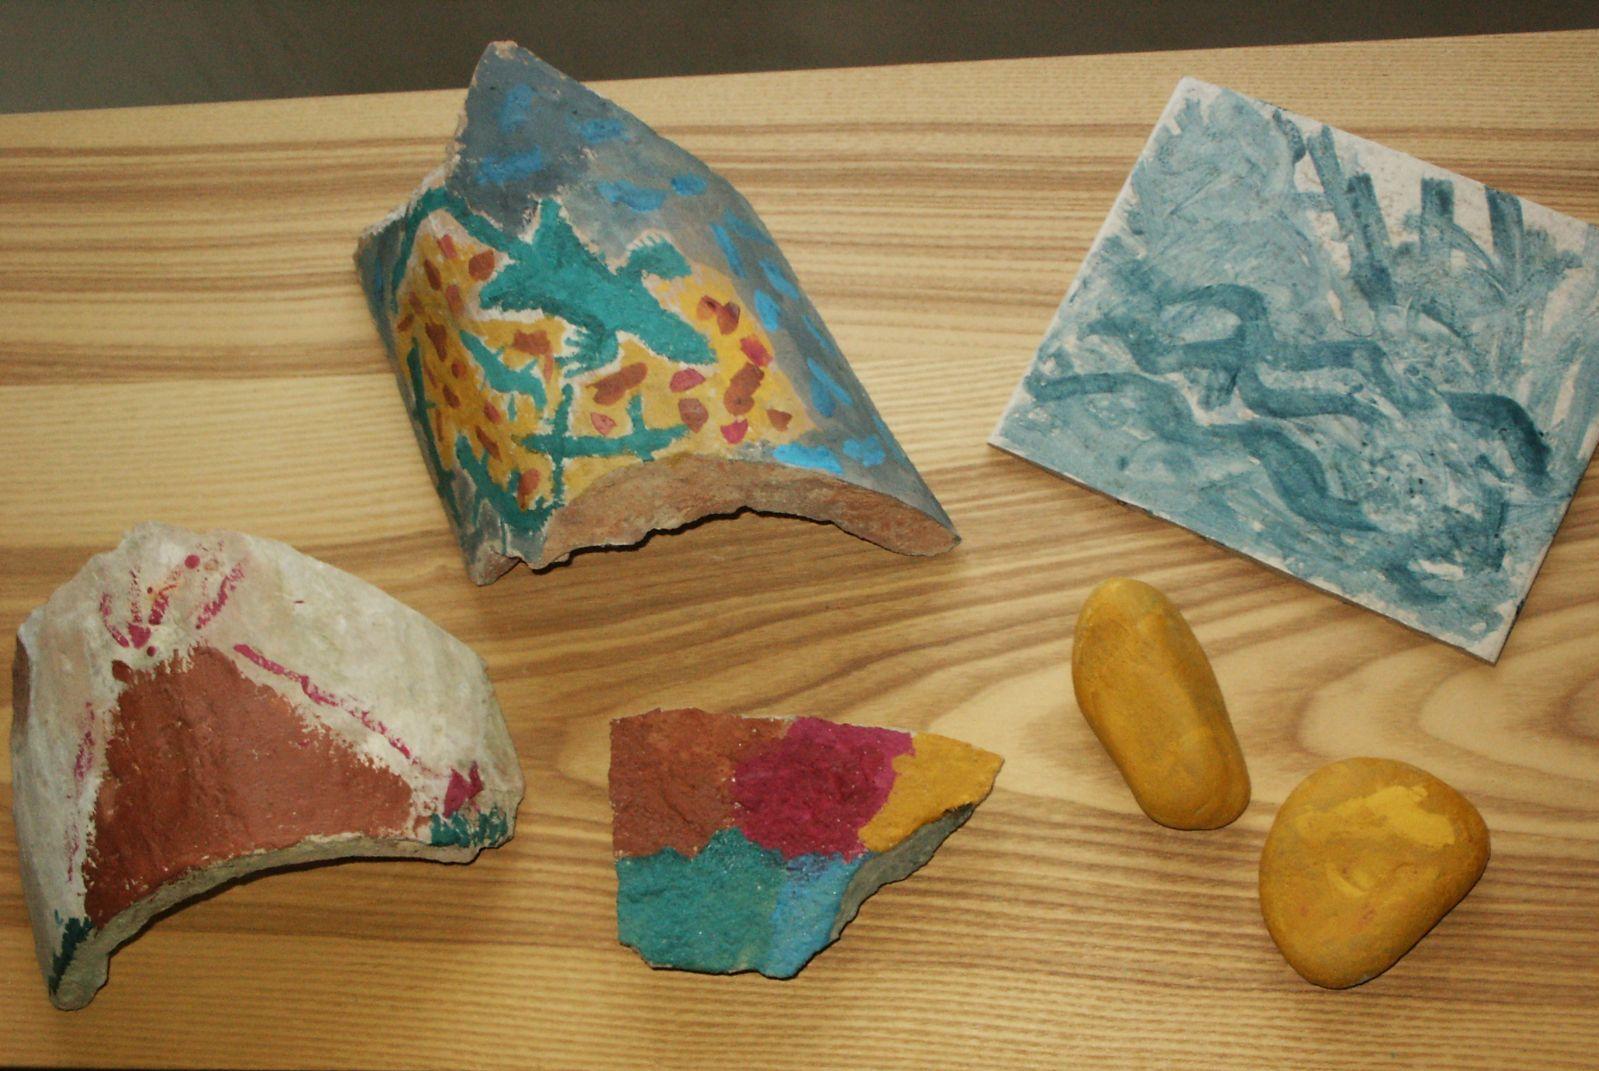 Come Dipingere Vecchie Tegole l'ecologioco®: decoriamo i sassi